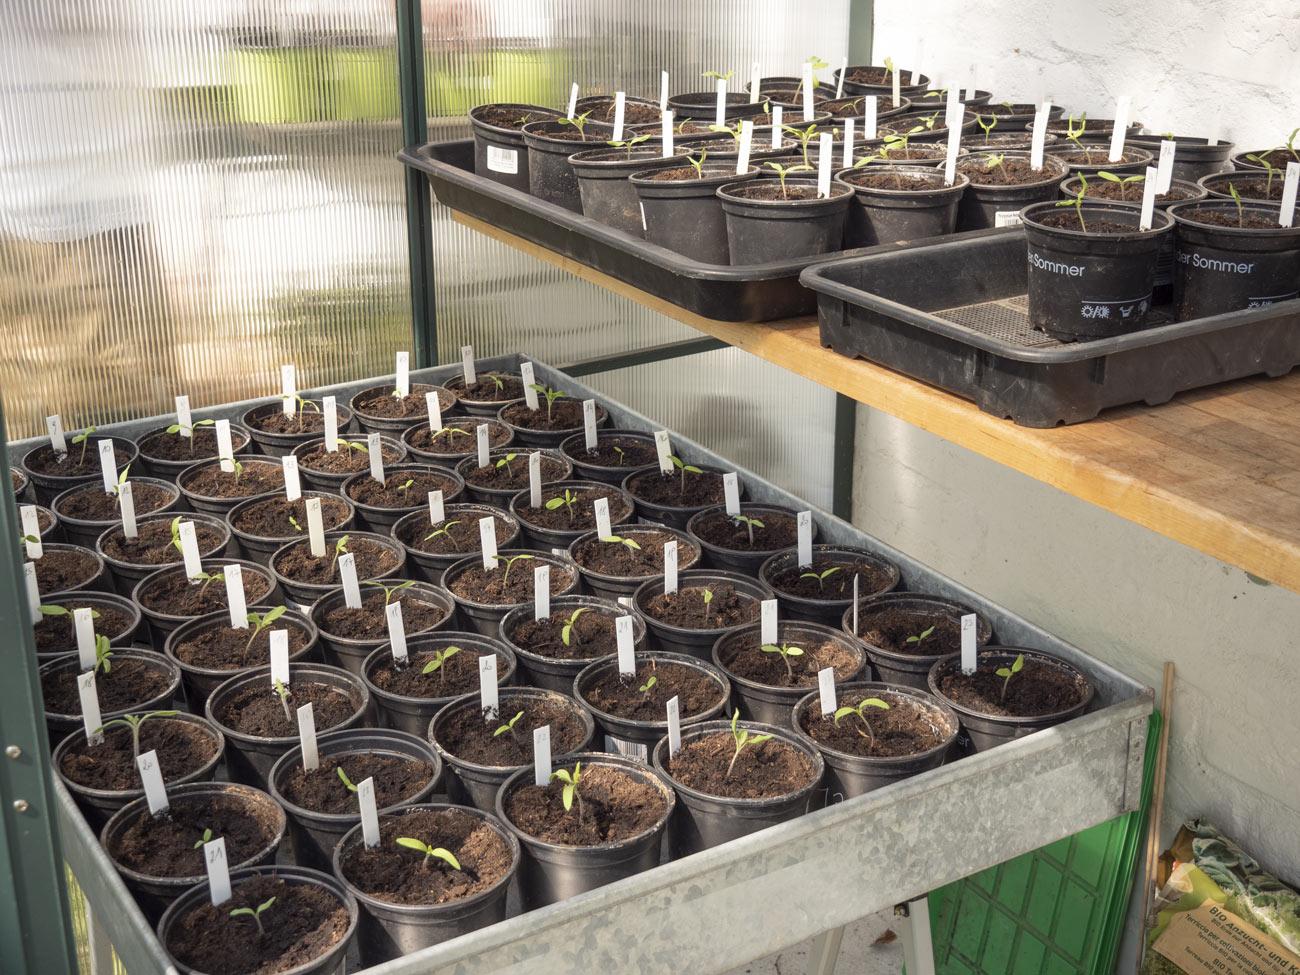 Die Paradeiserpflanzen sind noch winzig - aber das wird schon...